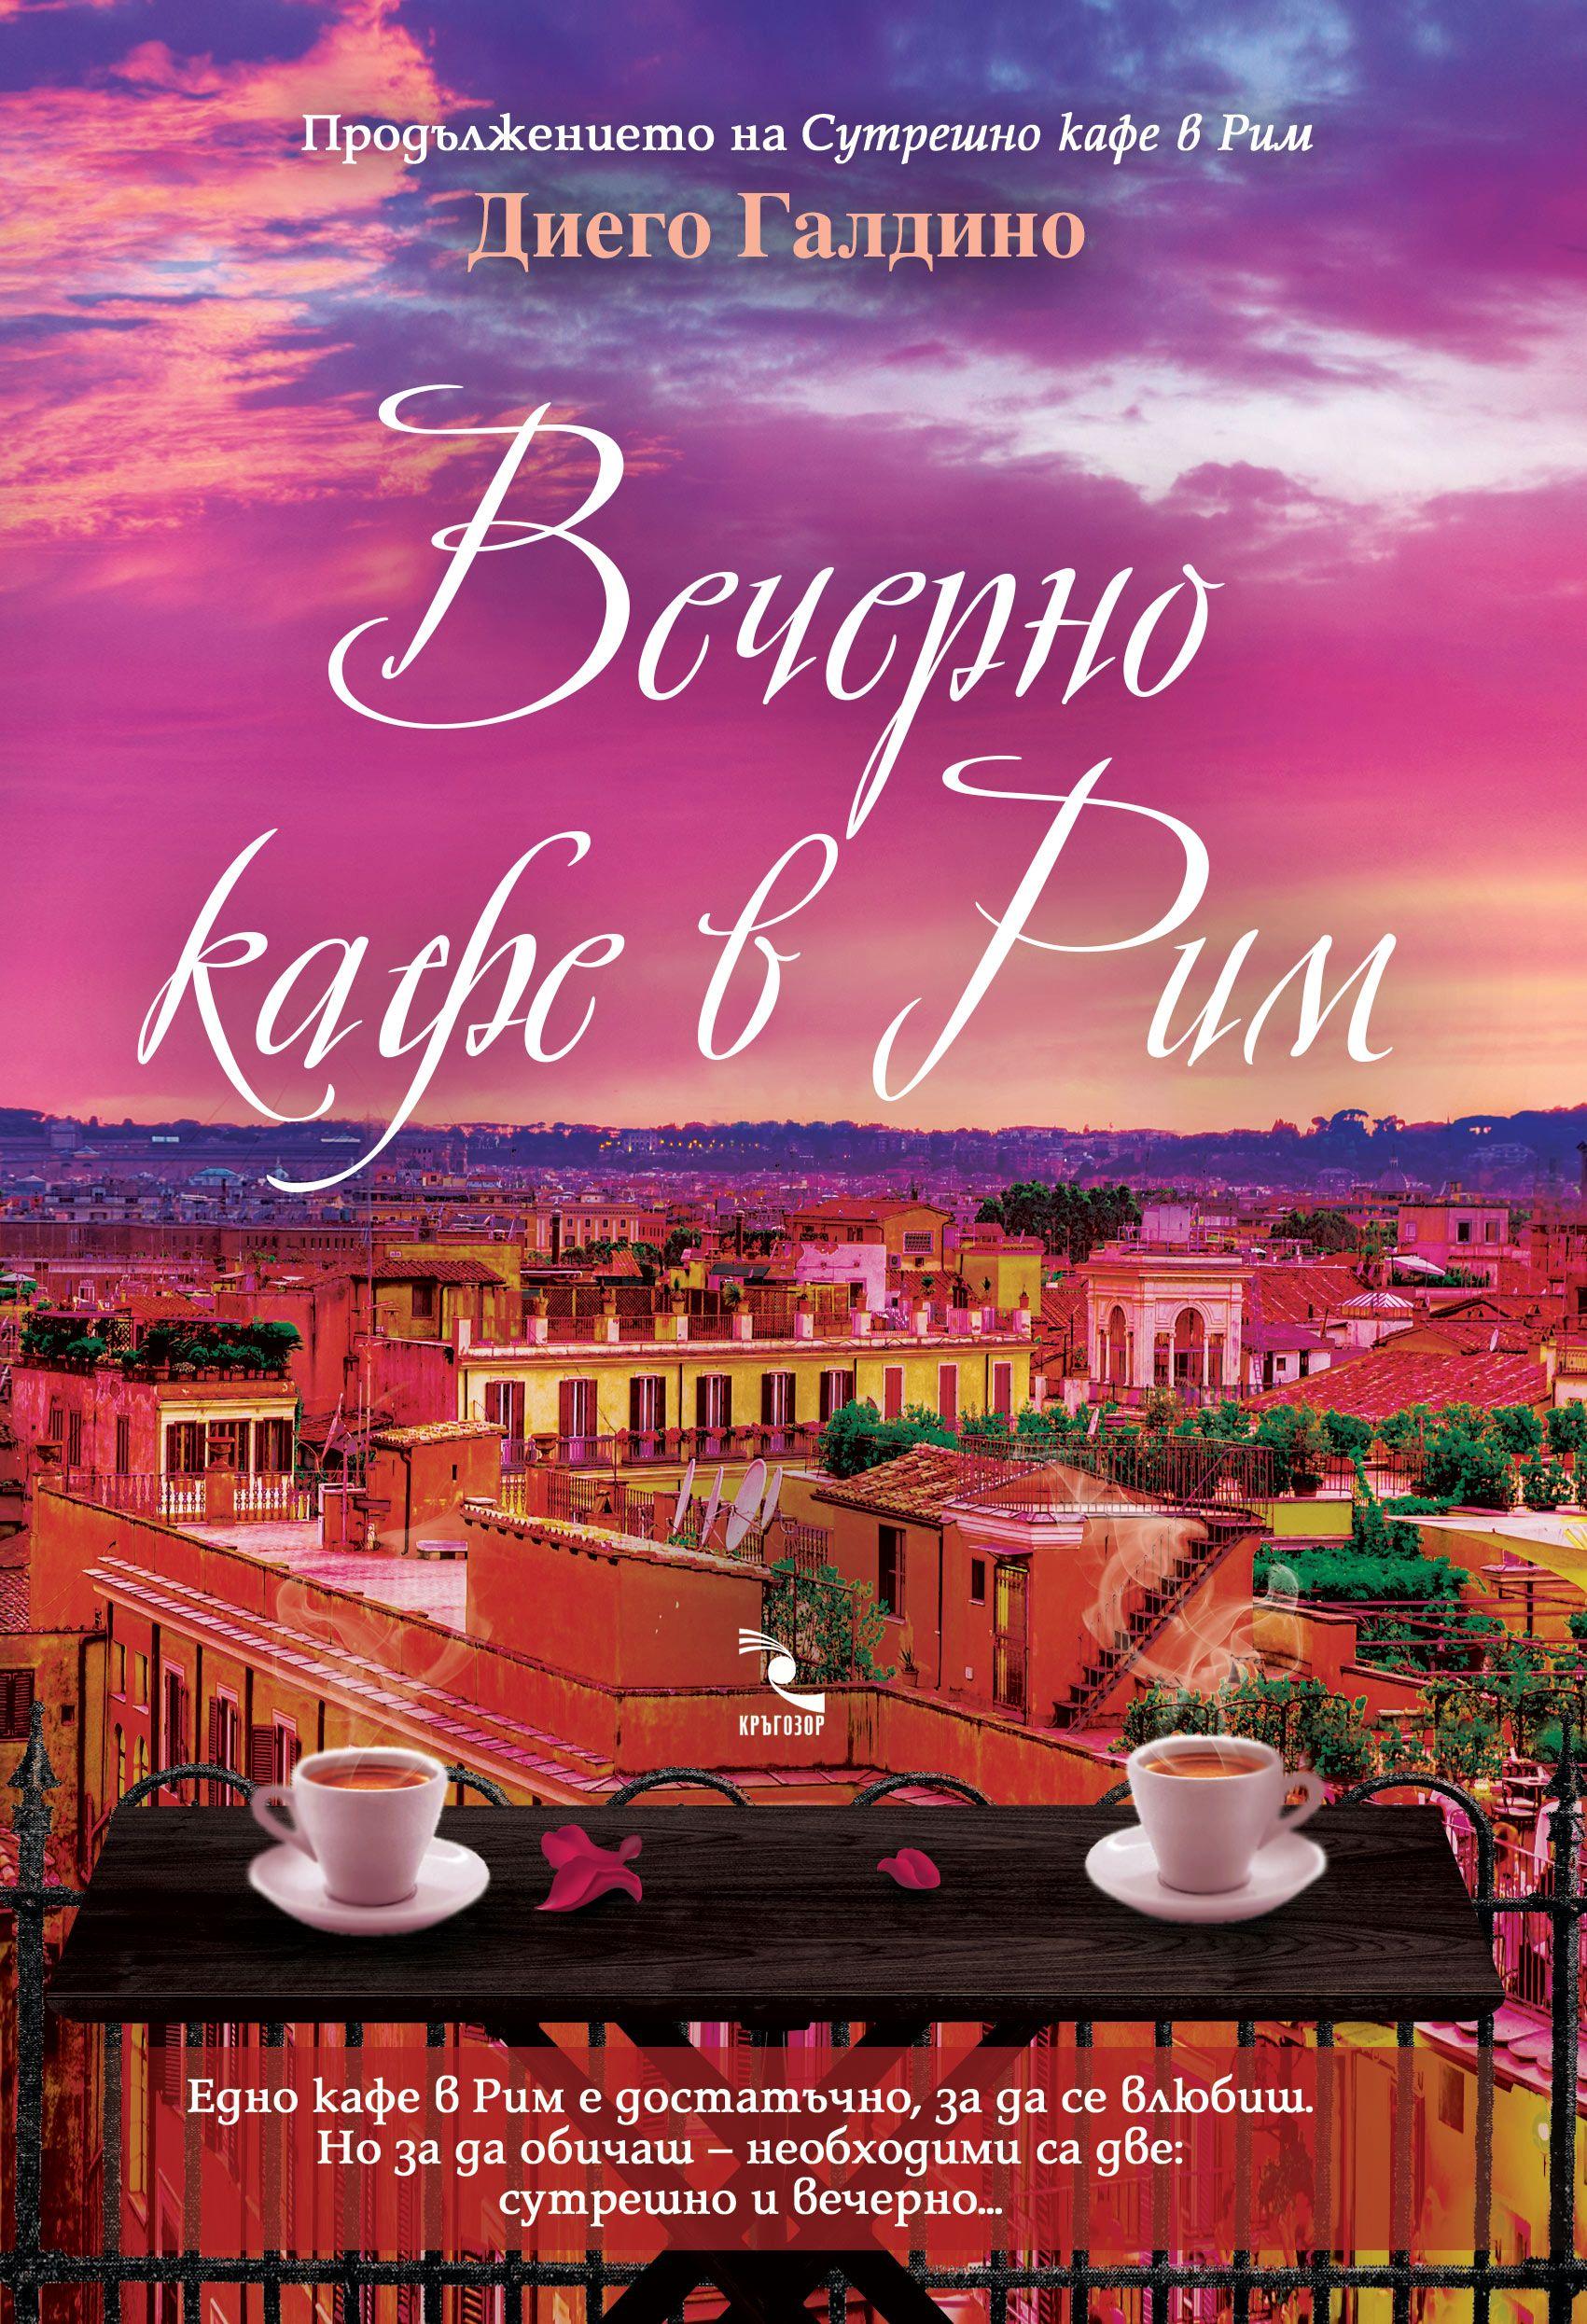 Вечерно кафе в Рим - 1